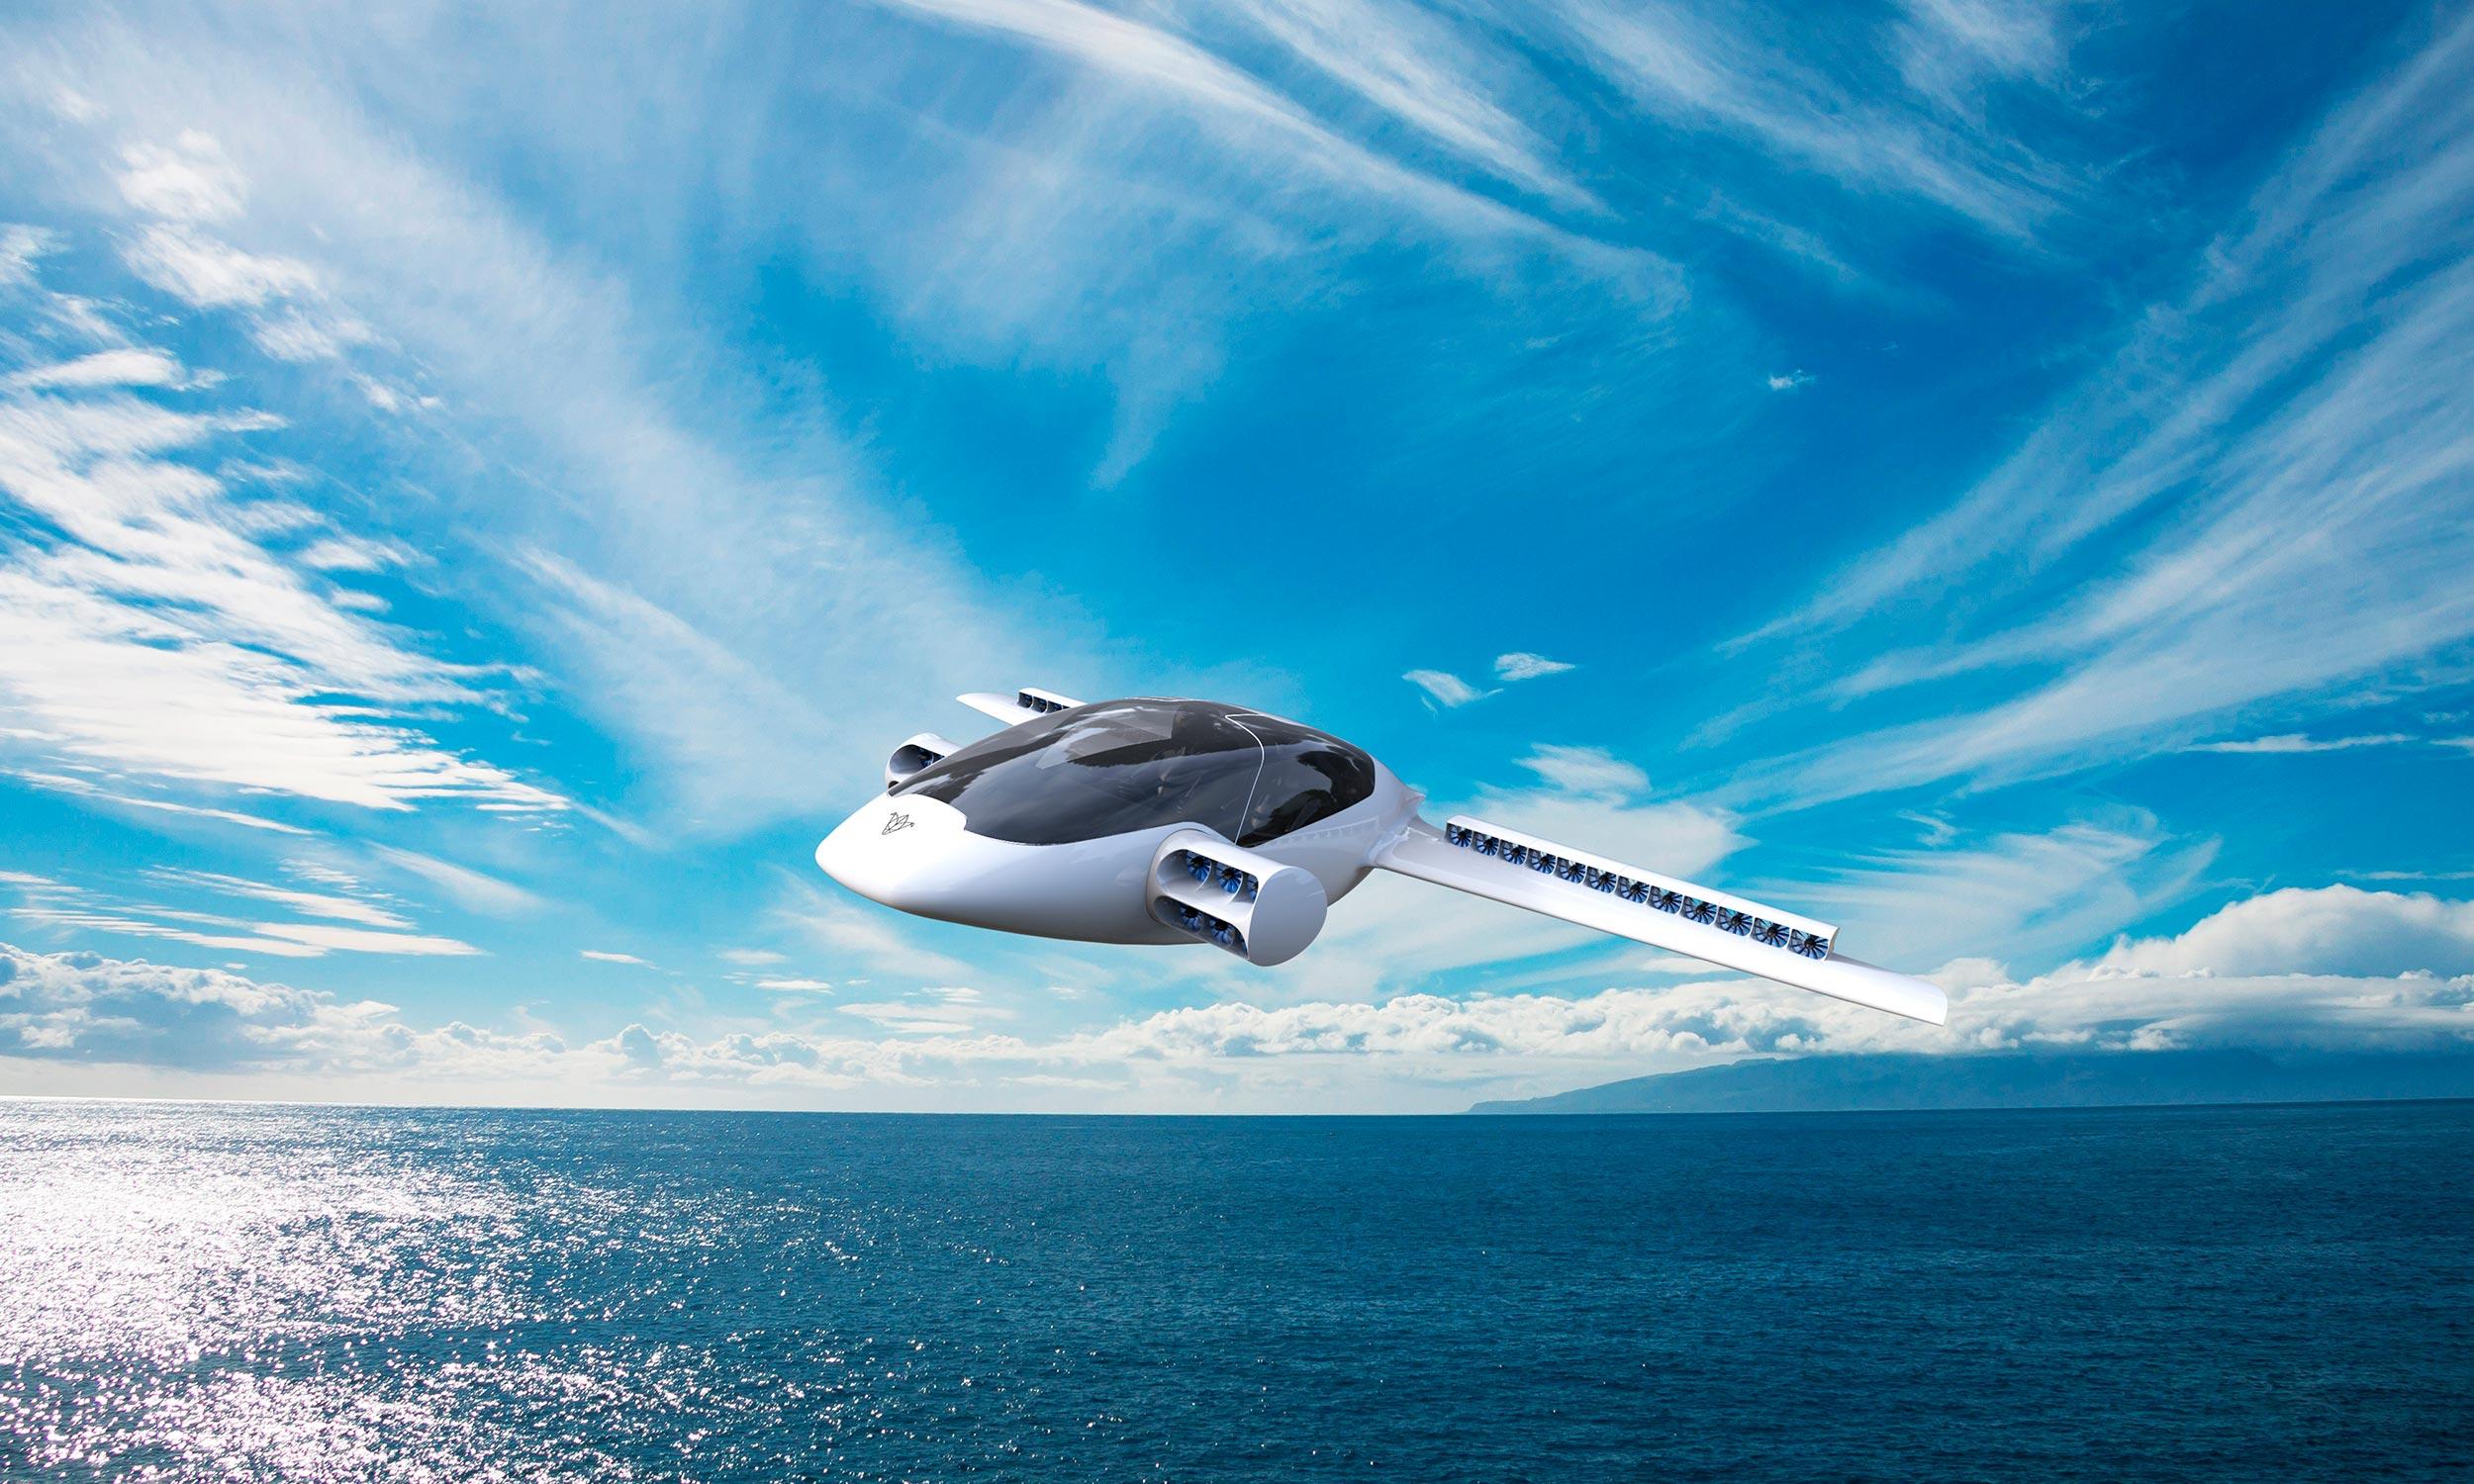 Công nghệ mới giúp Lilium hoạt động êm ái hơn so với trực thăng và các loại máy bay truyền thống. Tuy nhiên, nó vẫn đảm bảo cho máy bay di chuyển với vận tốc tối đa 400 km/h và phạm vi 500 km. Lilium có thể hoạt động tốt trong mọi điều kiện thời tiết nhưng không thể bay đêm. Ảnh: ESA